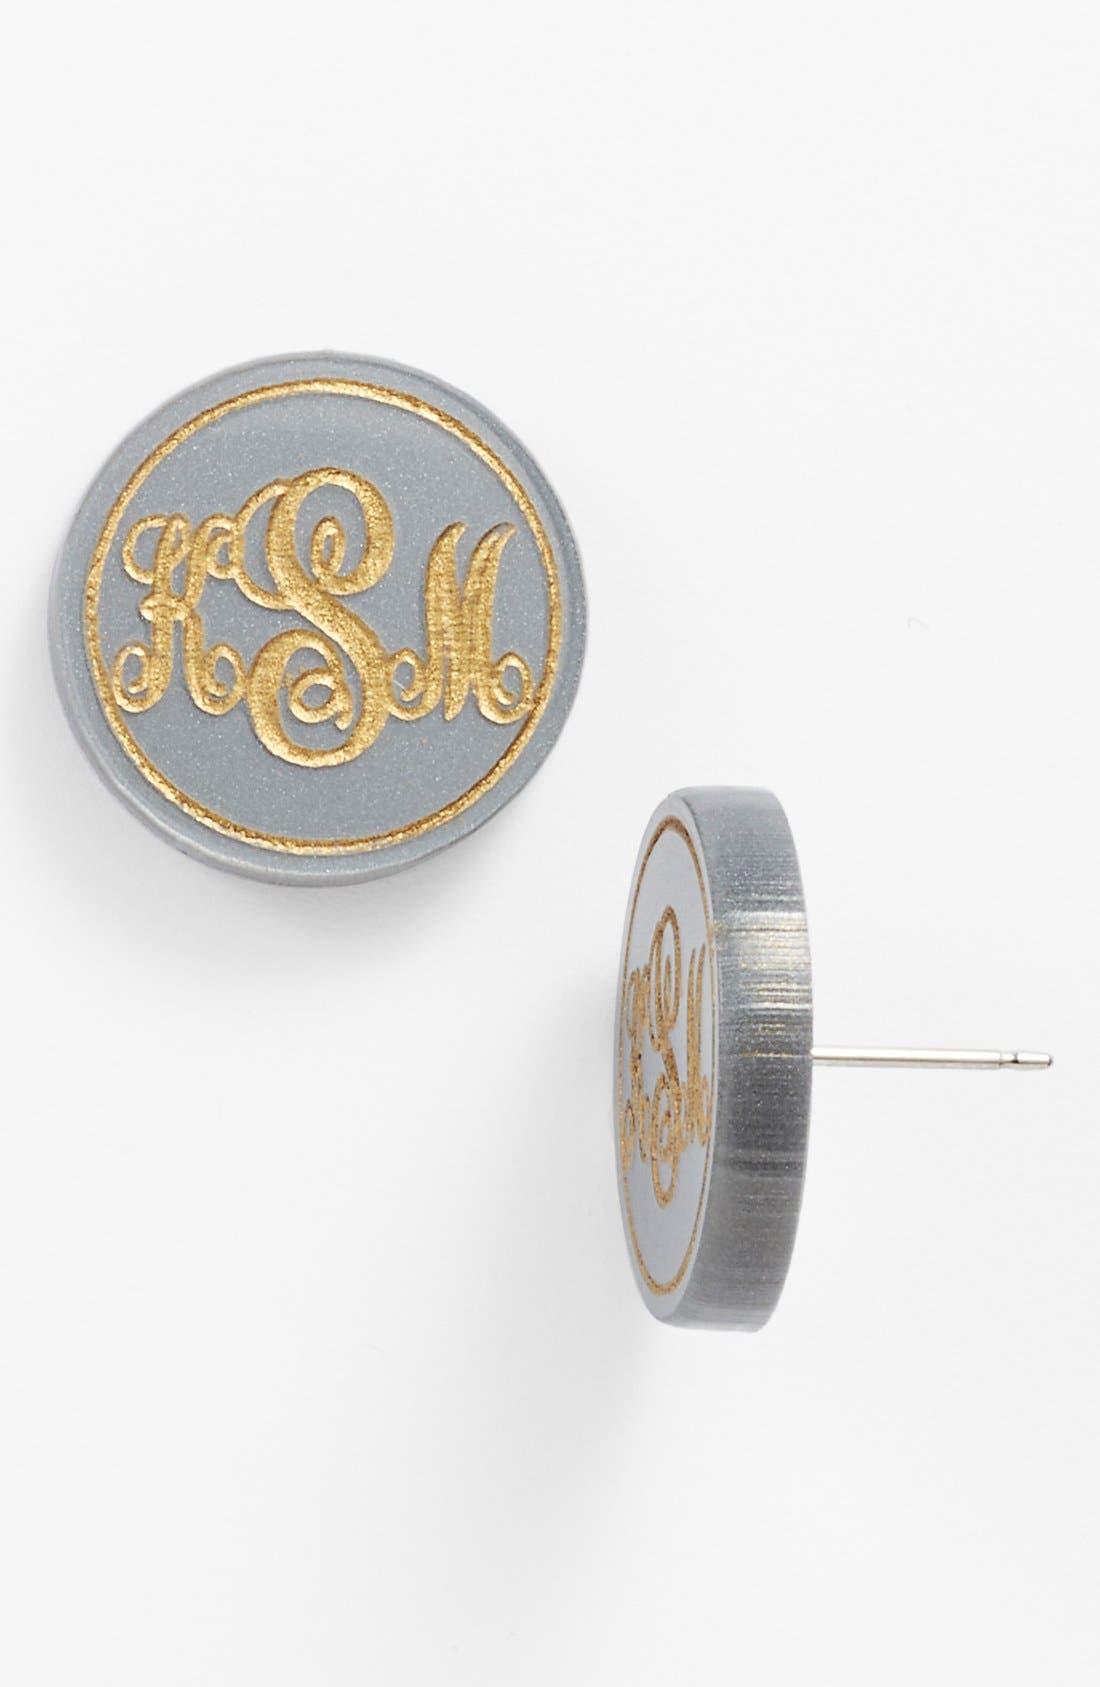 'Chelsea' Medium Personalized Monogram Stud Earrings,                         Main,                         color, Gunmetal/ Gold